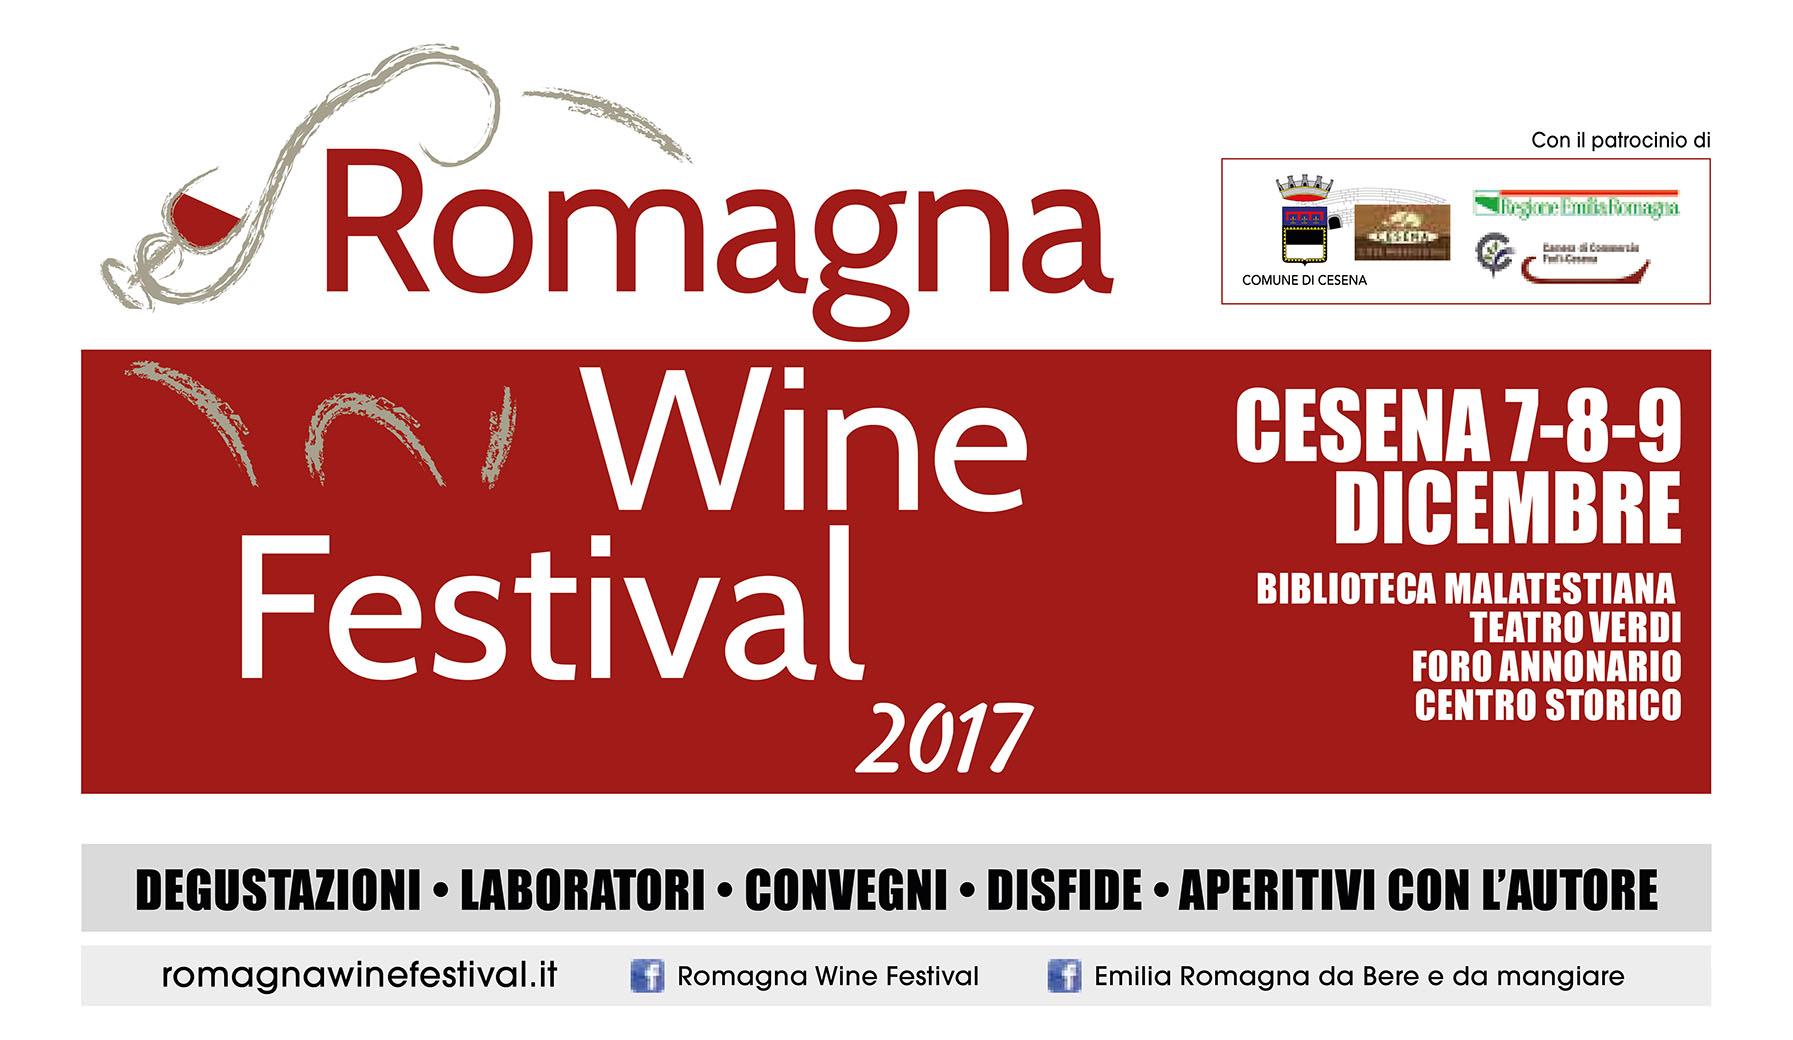 Romagna Wine Festival a Cesena dal 7 al 9 dicembre